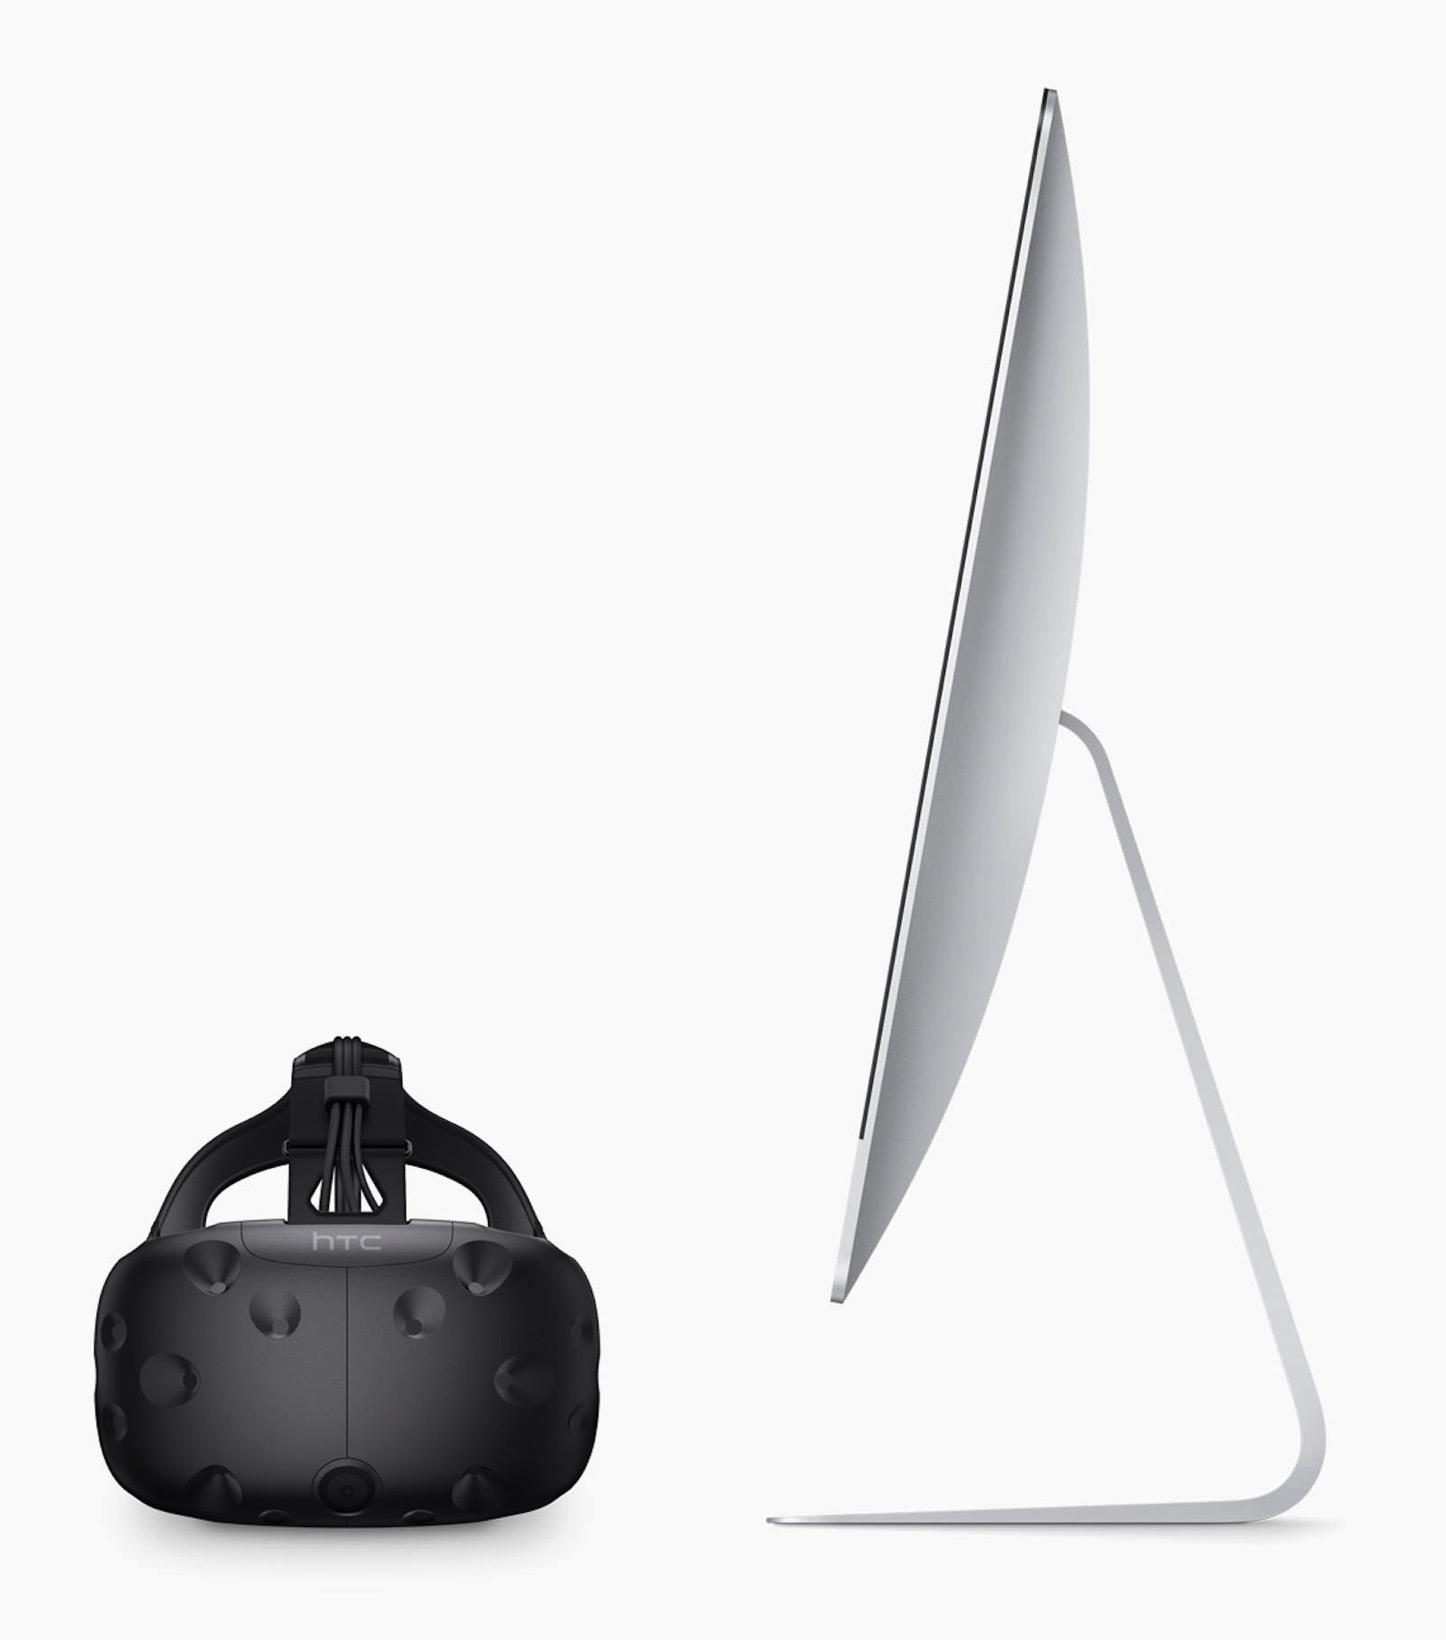 Mac sierra hardwear vr